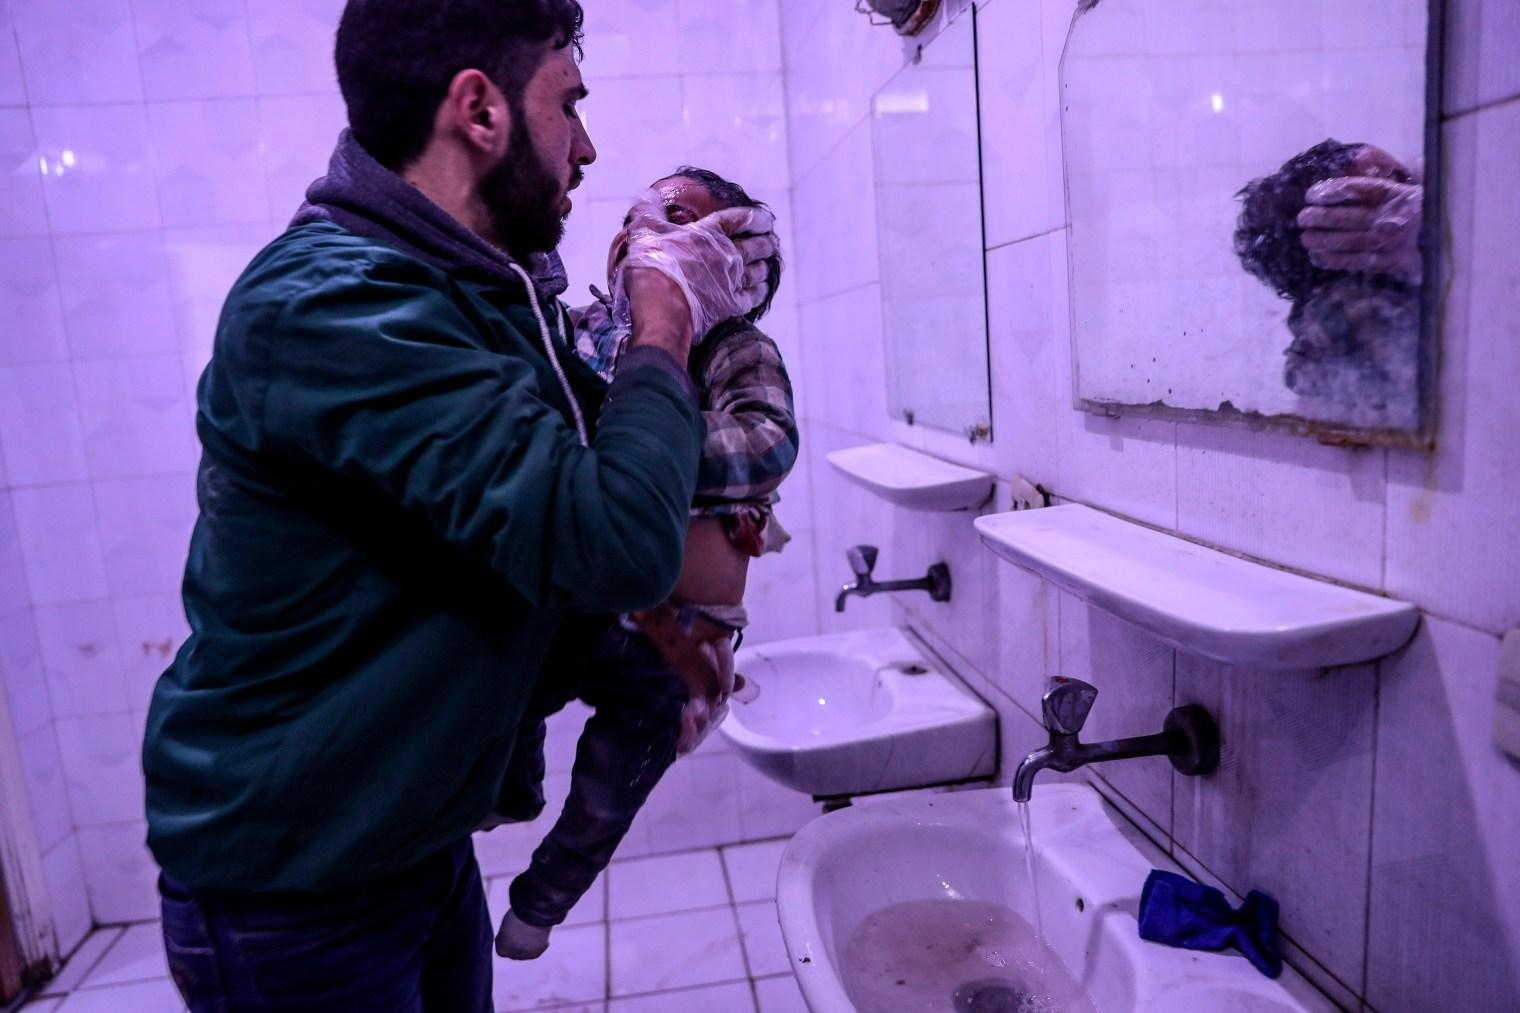 syria-eastern-ghouta-photos